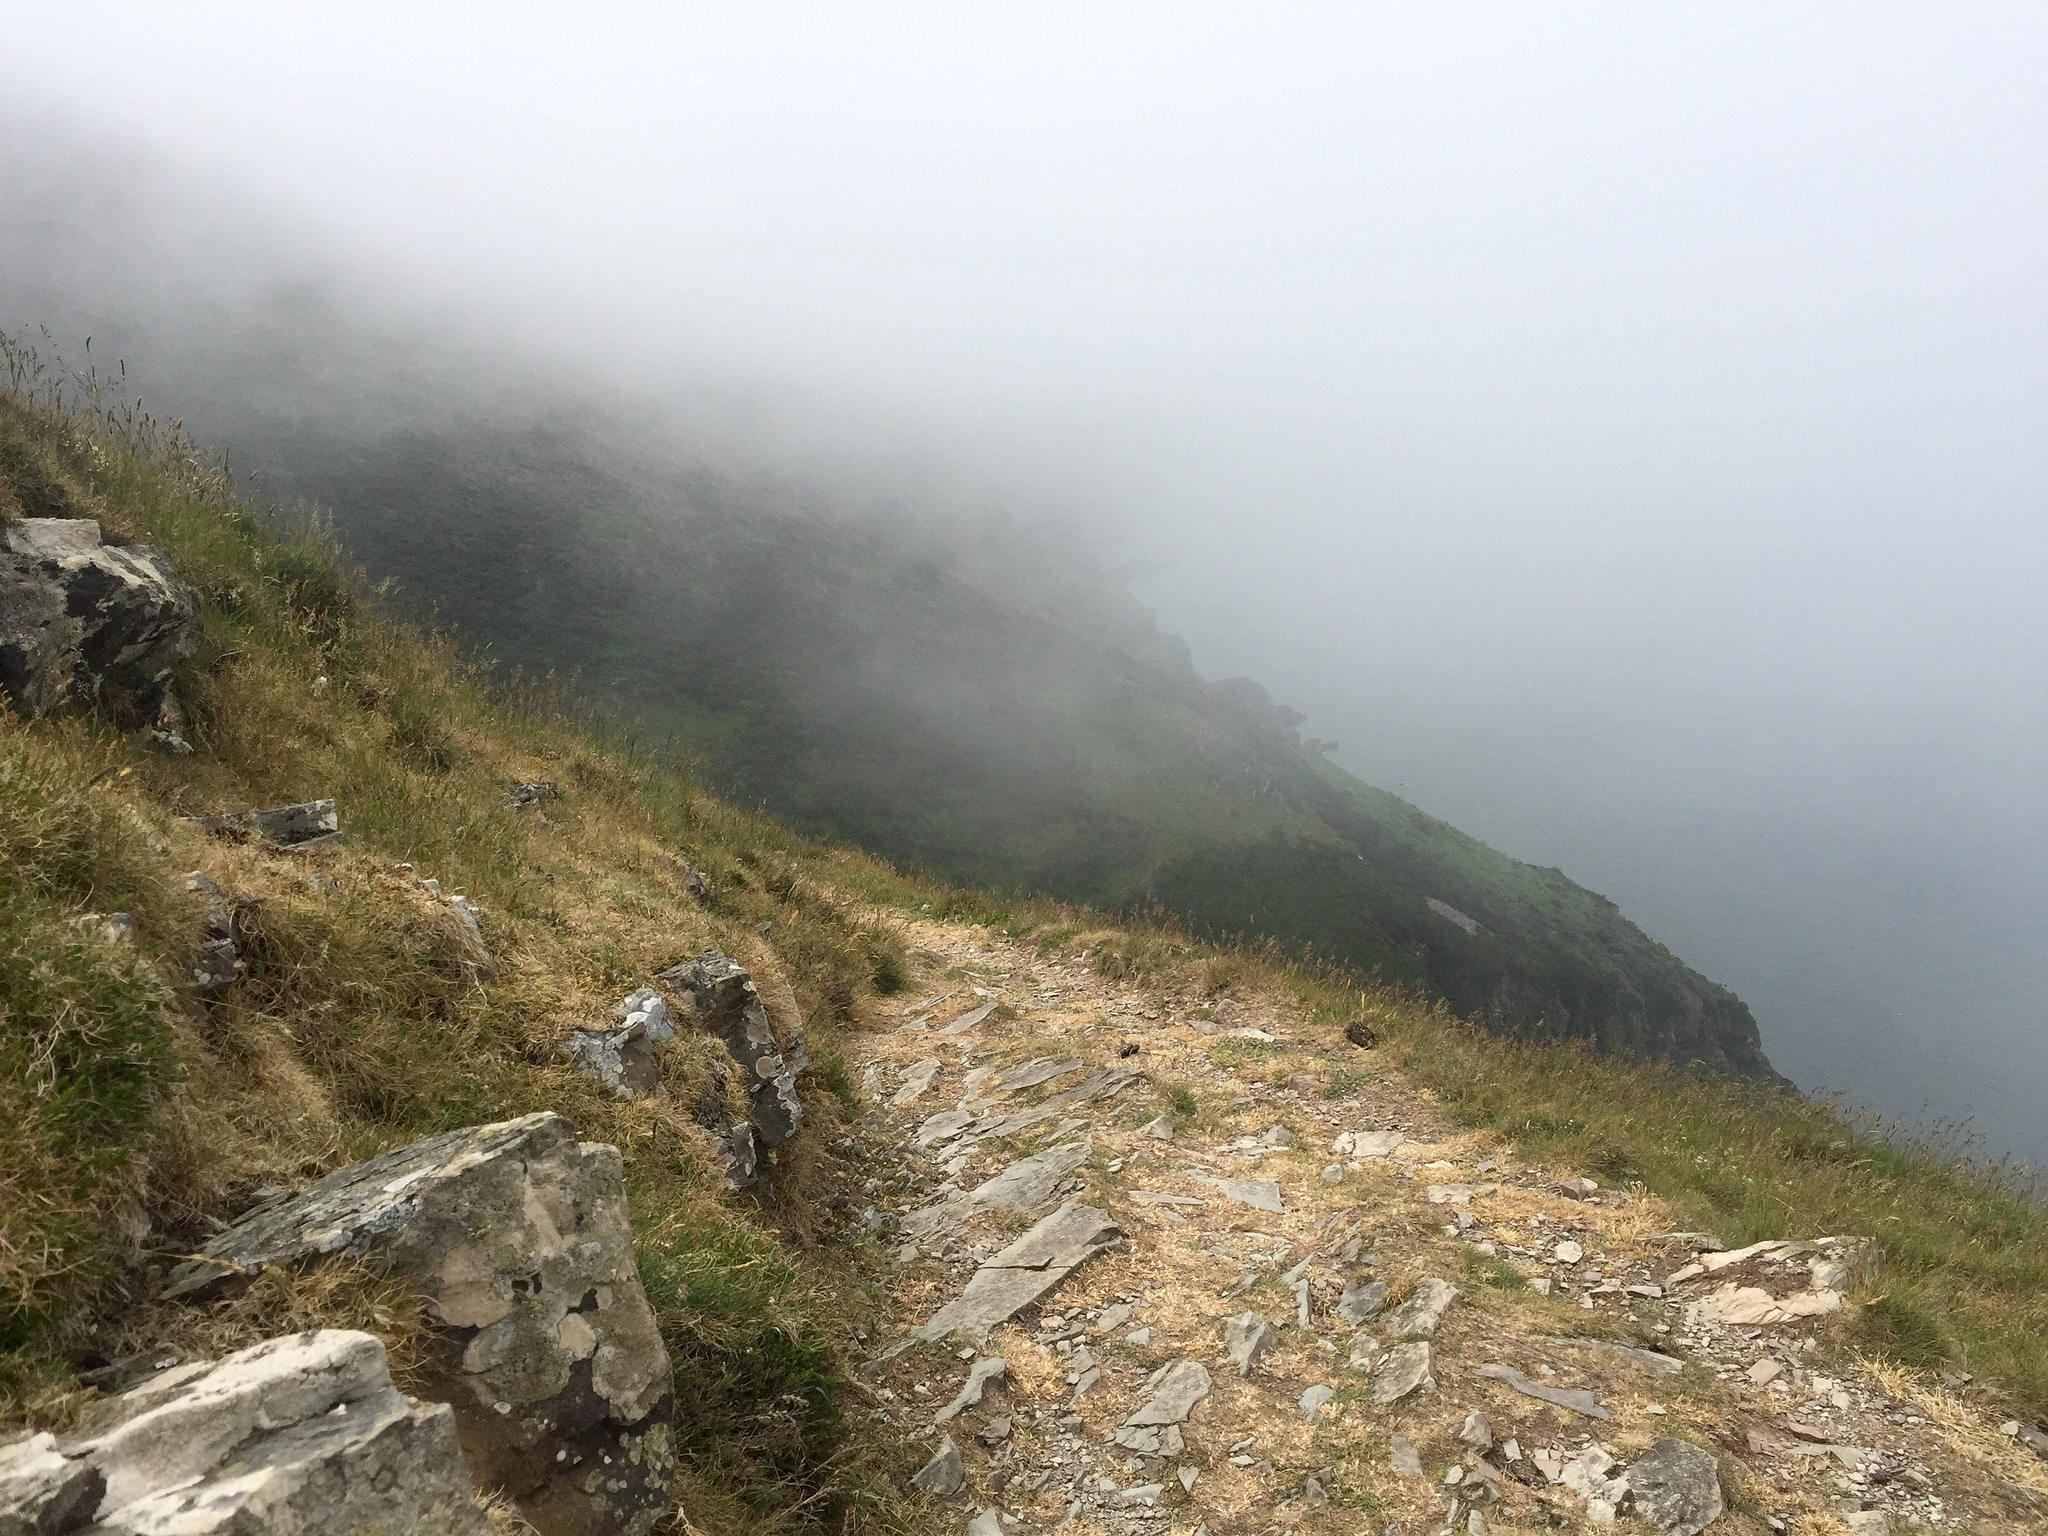 Foggy hike